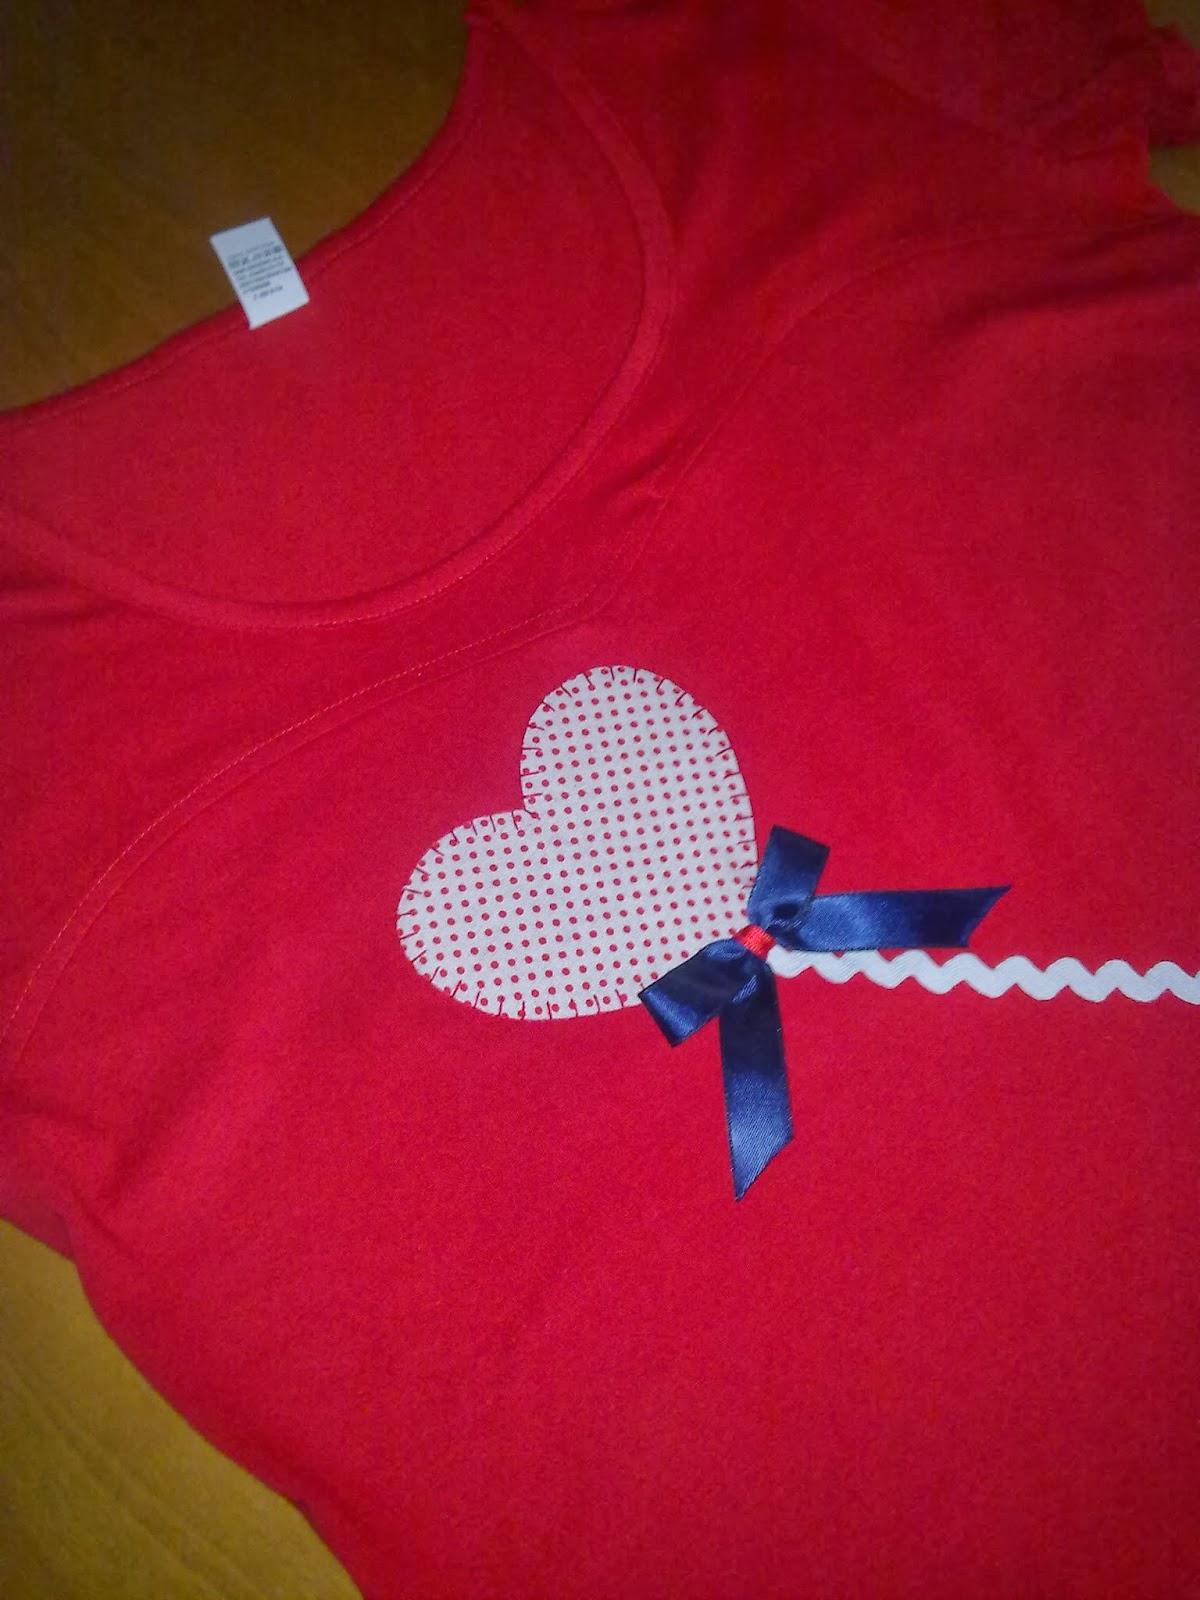 camiseta con aplicación de corazon globo blanco de lunares rojos